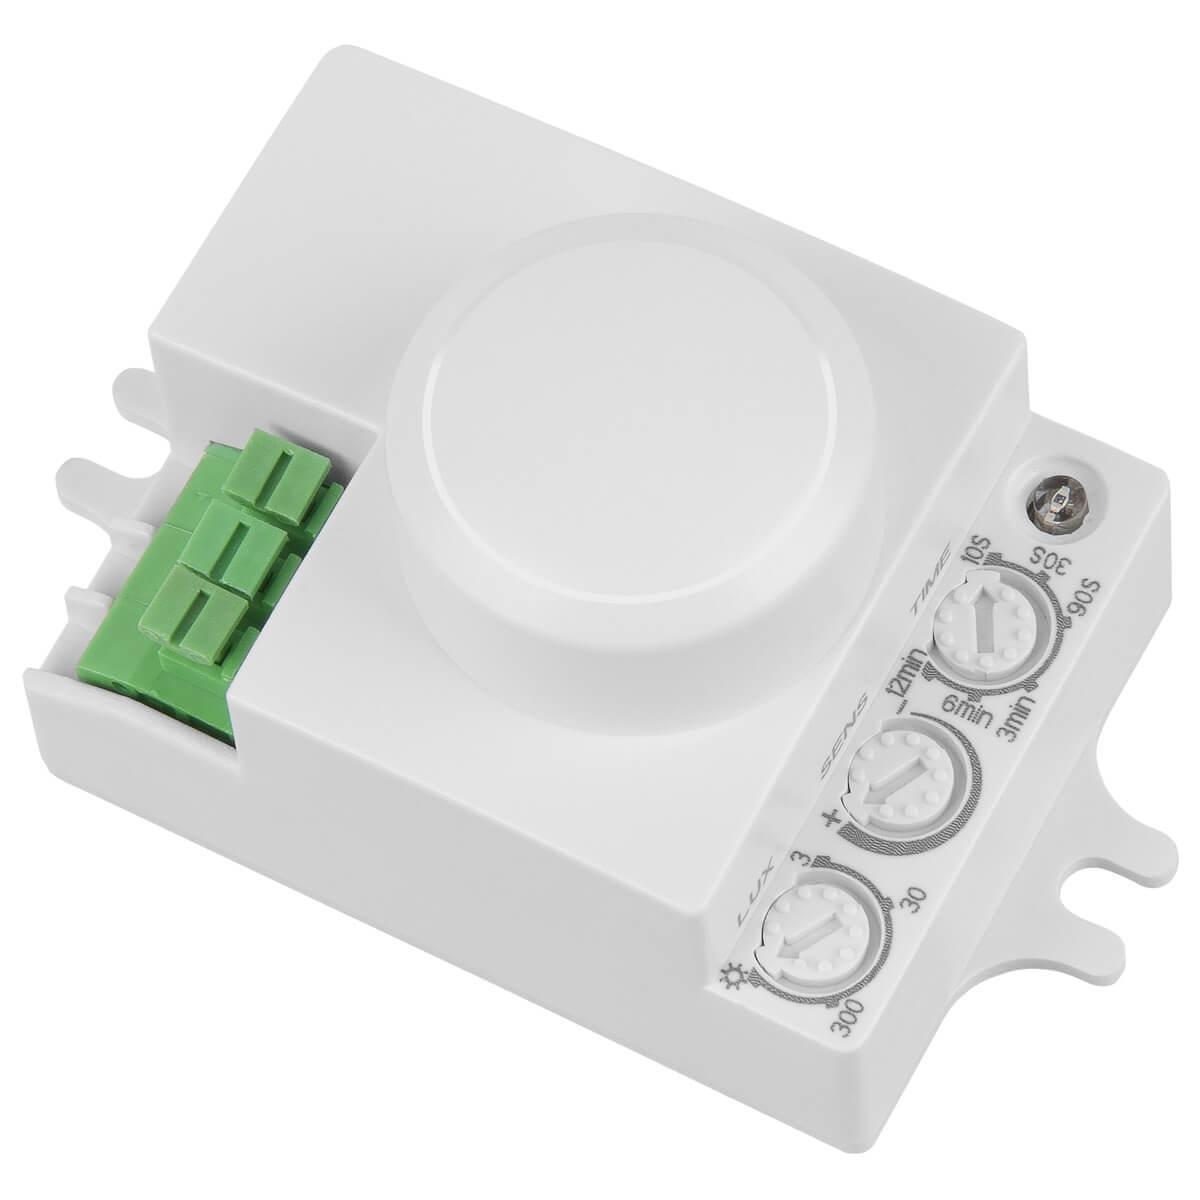 Датчик движения Elektrostandard 4690389075568 SNS-M-06